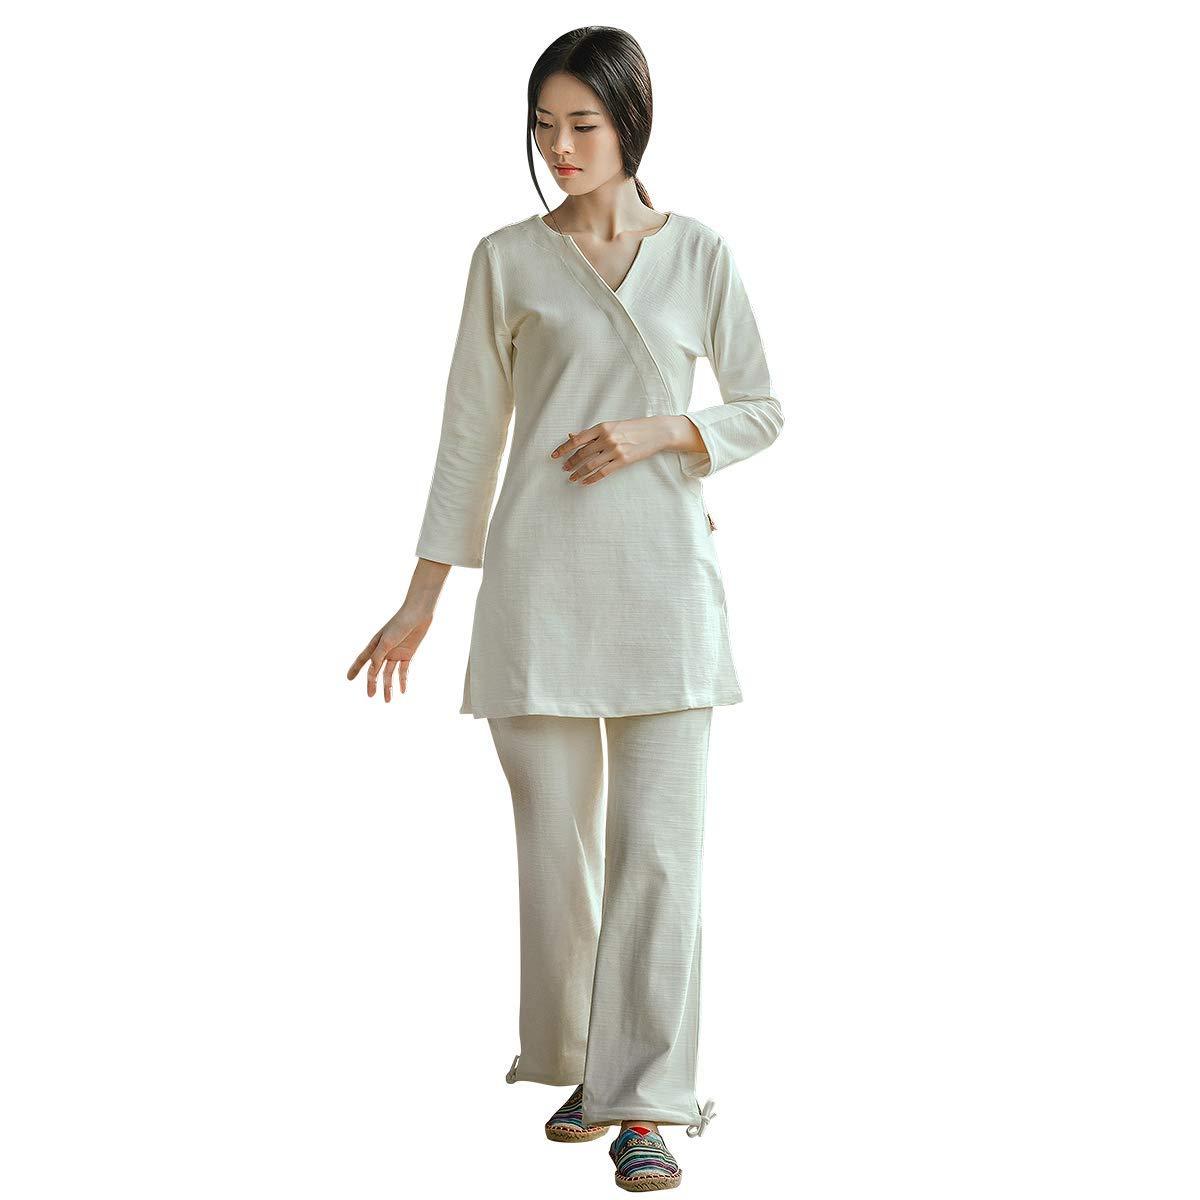 太極拳制服禅瞑想服セット仏教の女性のヨガの服武術スーツ衣装中国のカンフー服綿,白,M 白い Medium